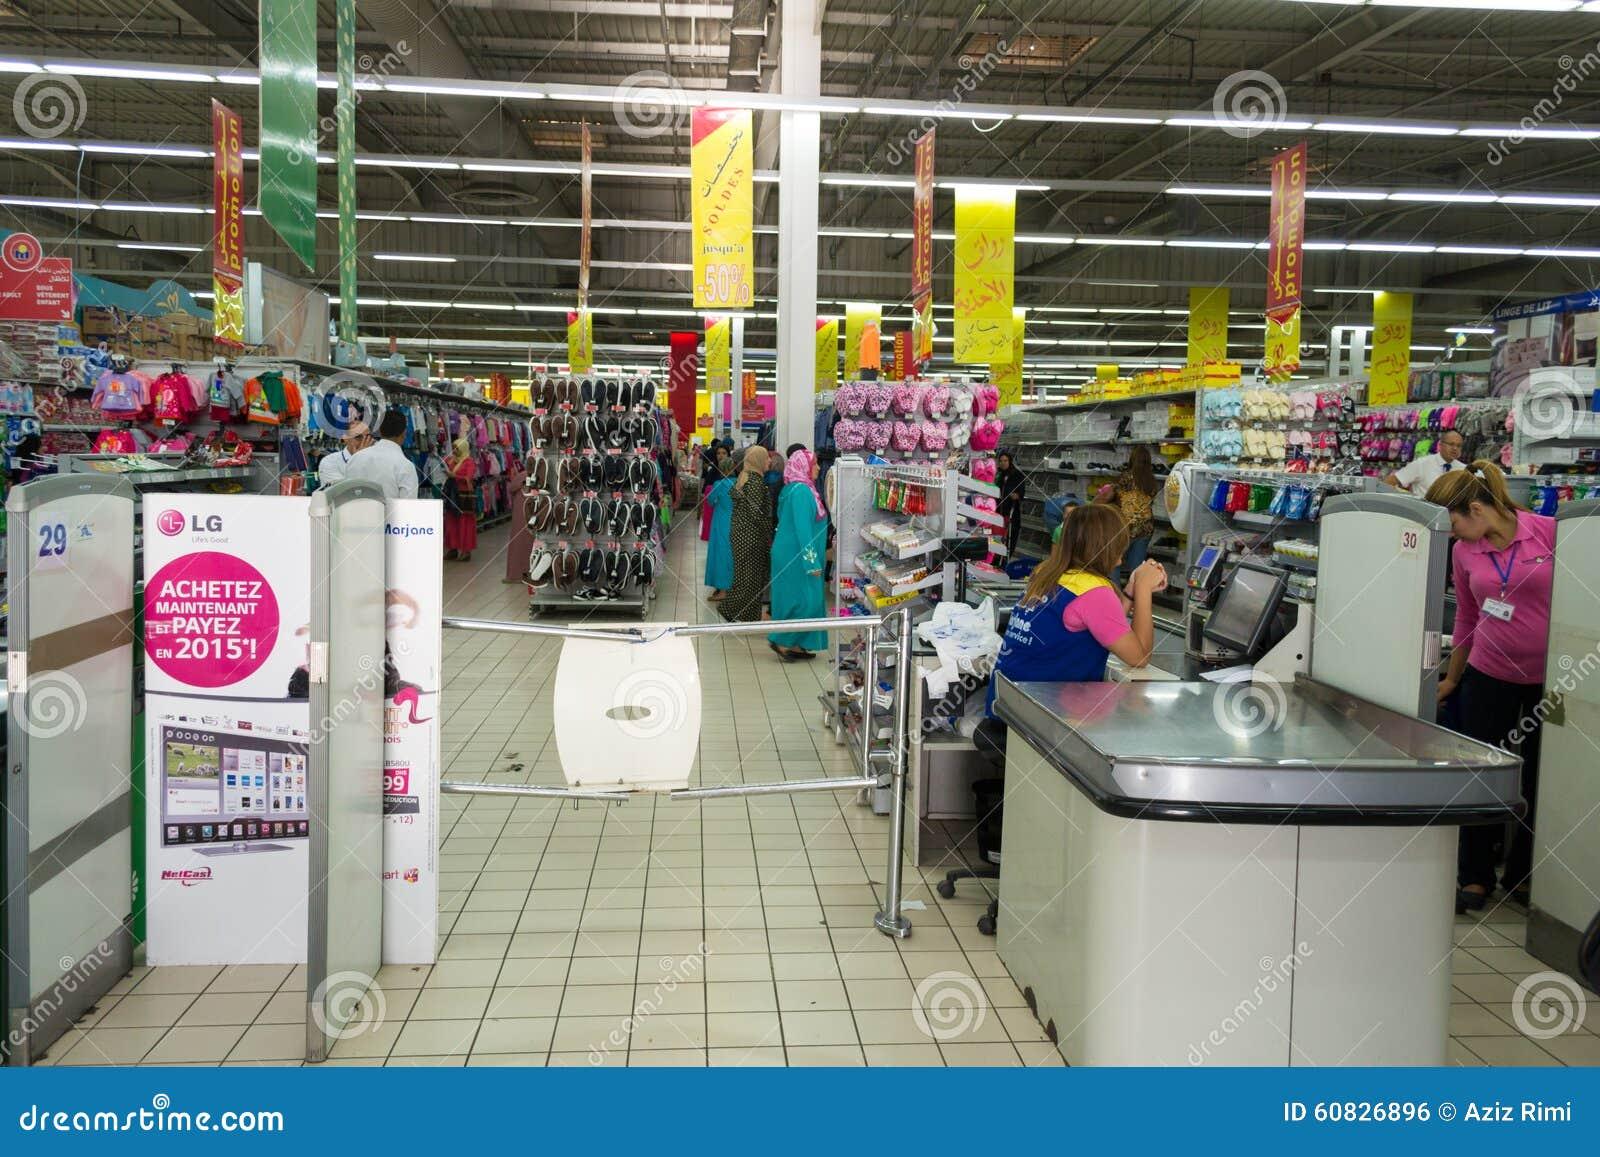 Supermercado en Marruecos